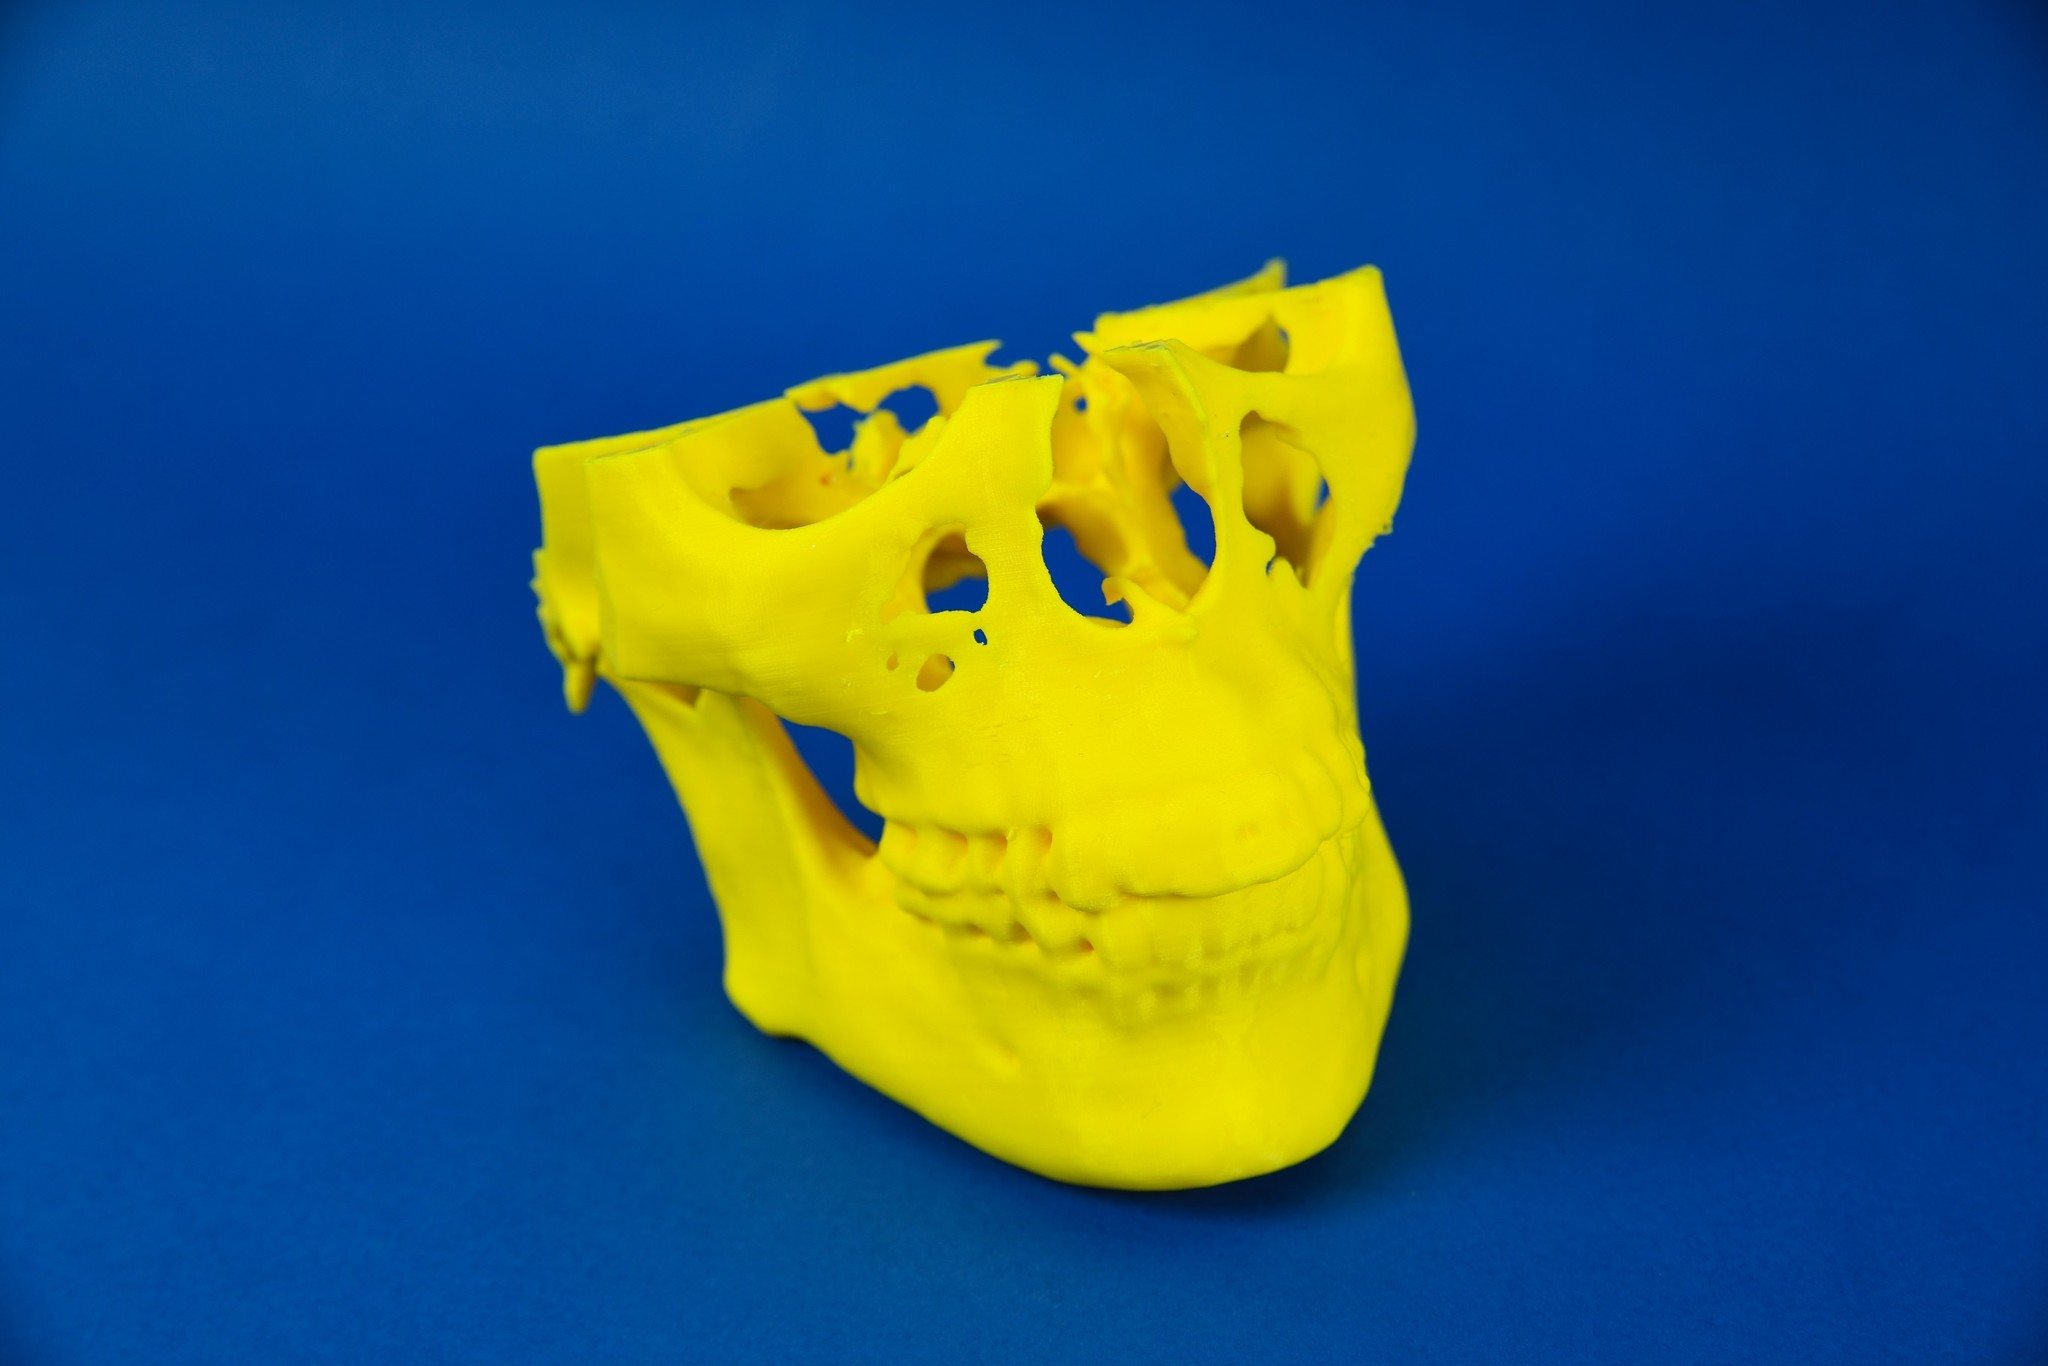 Modelo completo (mandíbulas superior e inferior)